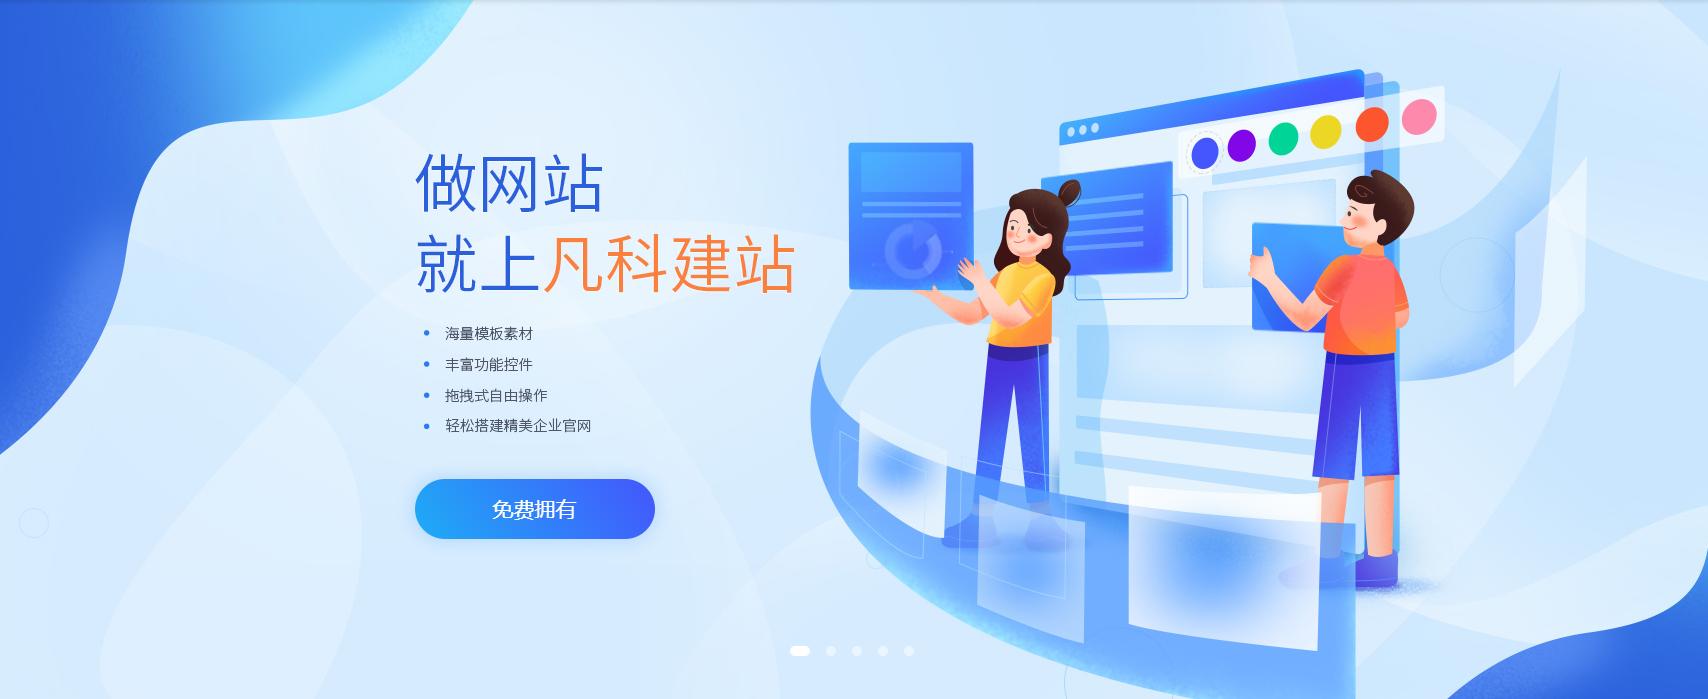 企业网站内容建设